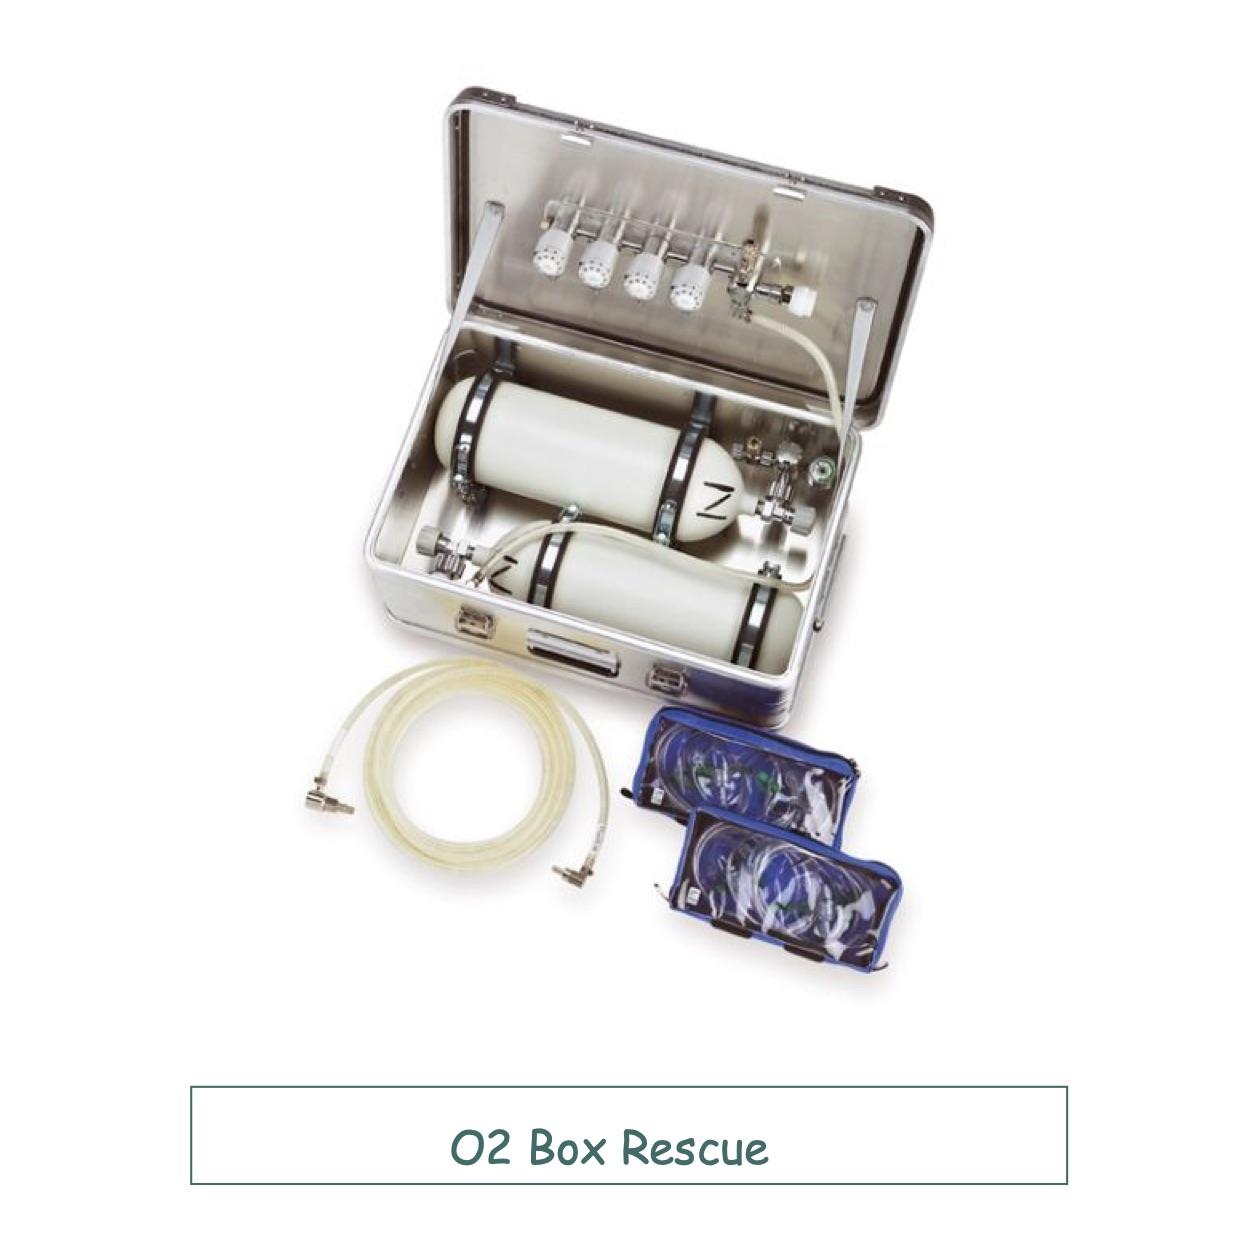 Универсальная переносная кислородная система O2 Box Rescue